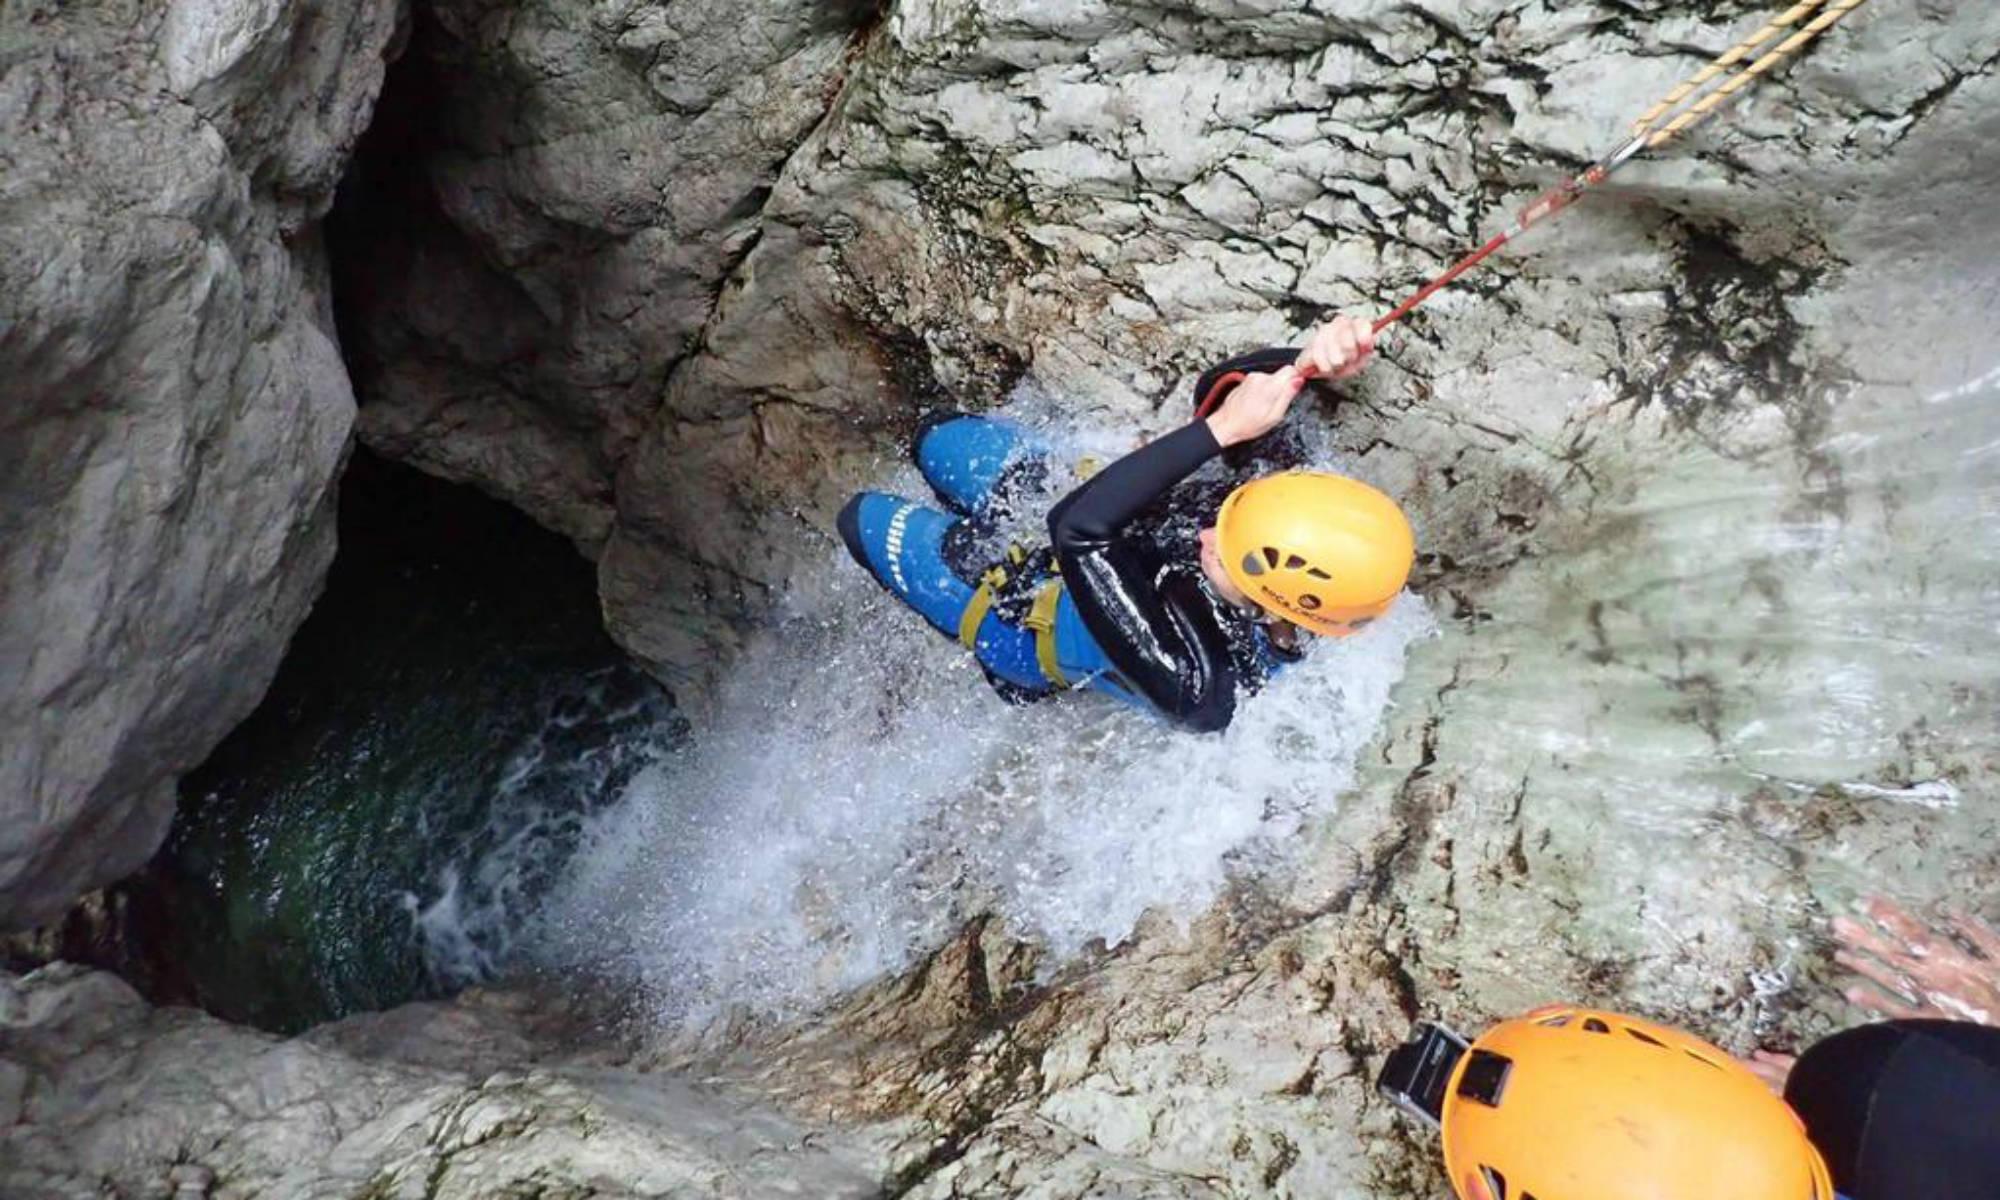 Am Wildfluss Sušec im Soča Tal seilt sich eine Canyoning Tour Teilnehmerin an einem Wasserfall ab.